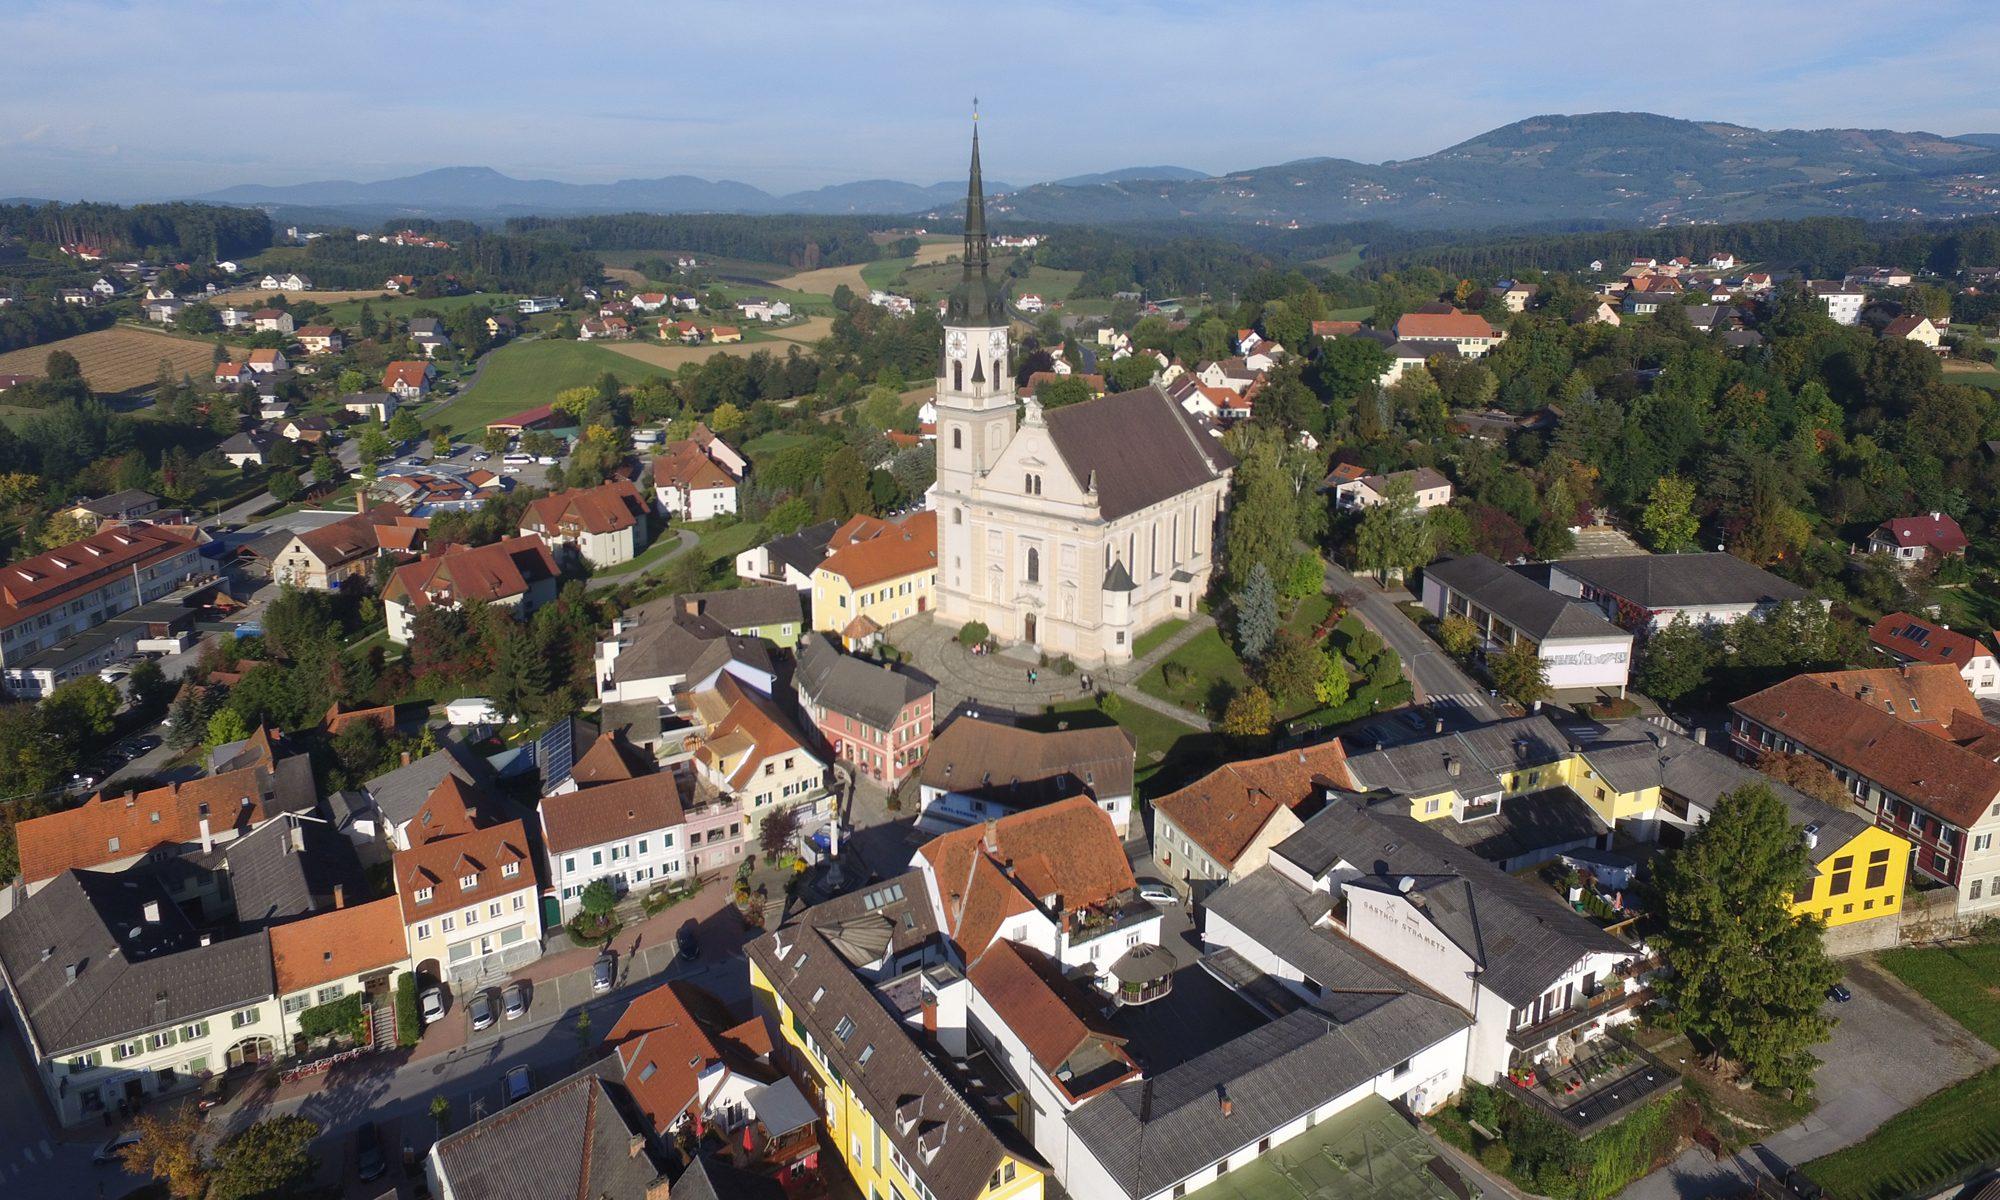 Kleintier-zuchtverein Pischelsdorf am Kulm St-13